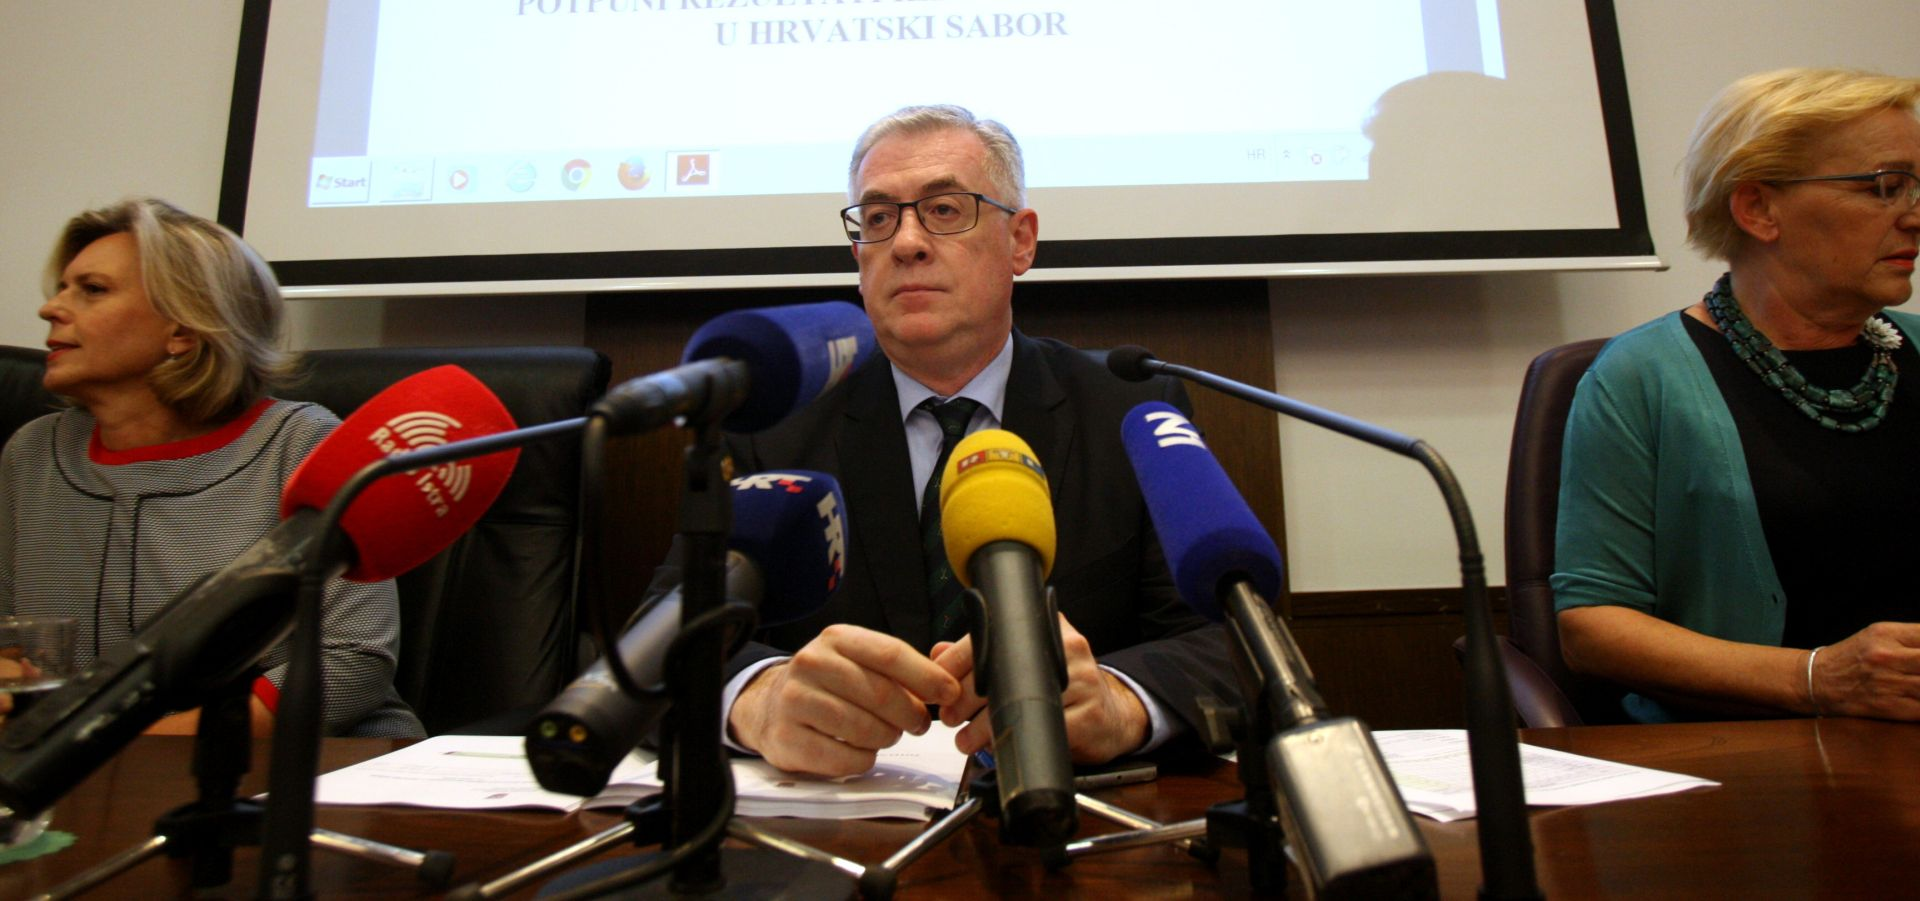 DIP objavio potpune rezultate, HDZ relativni pobjednik